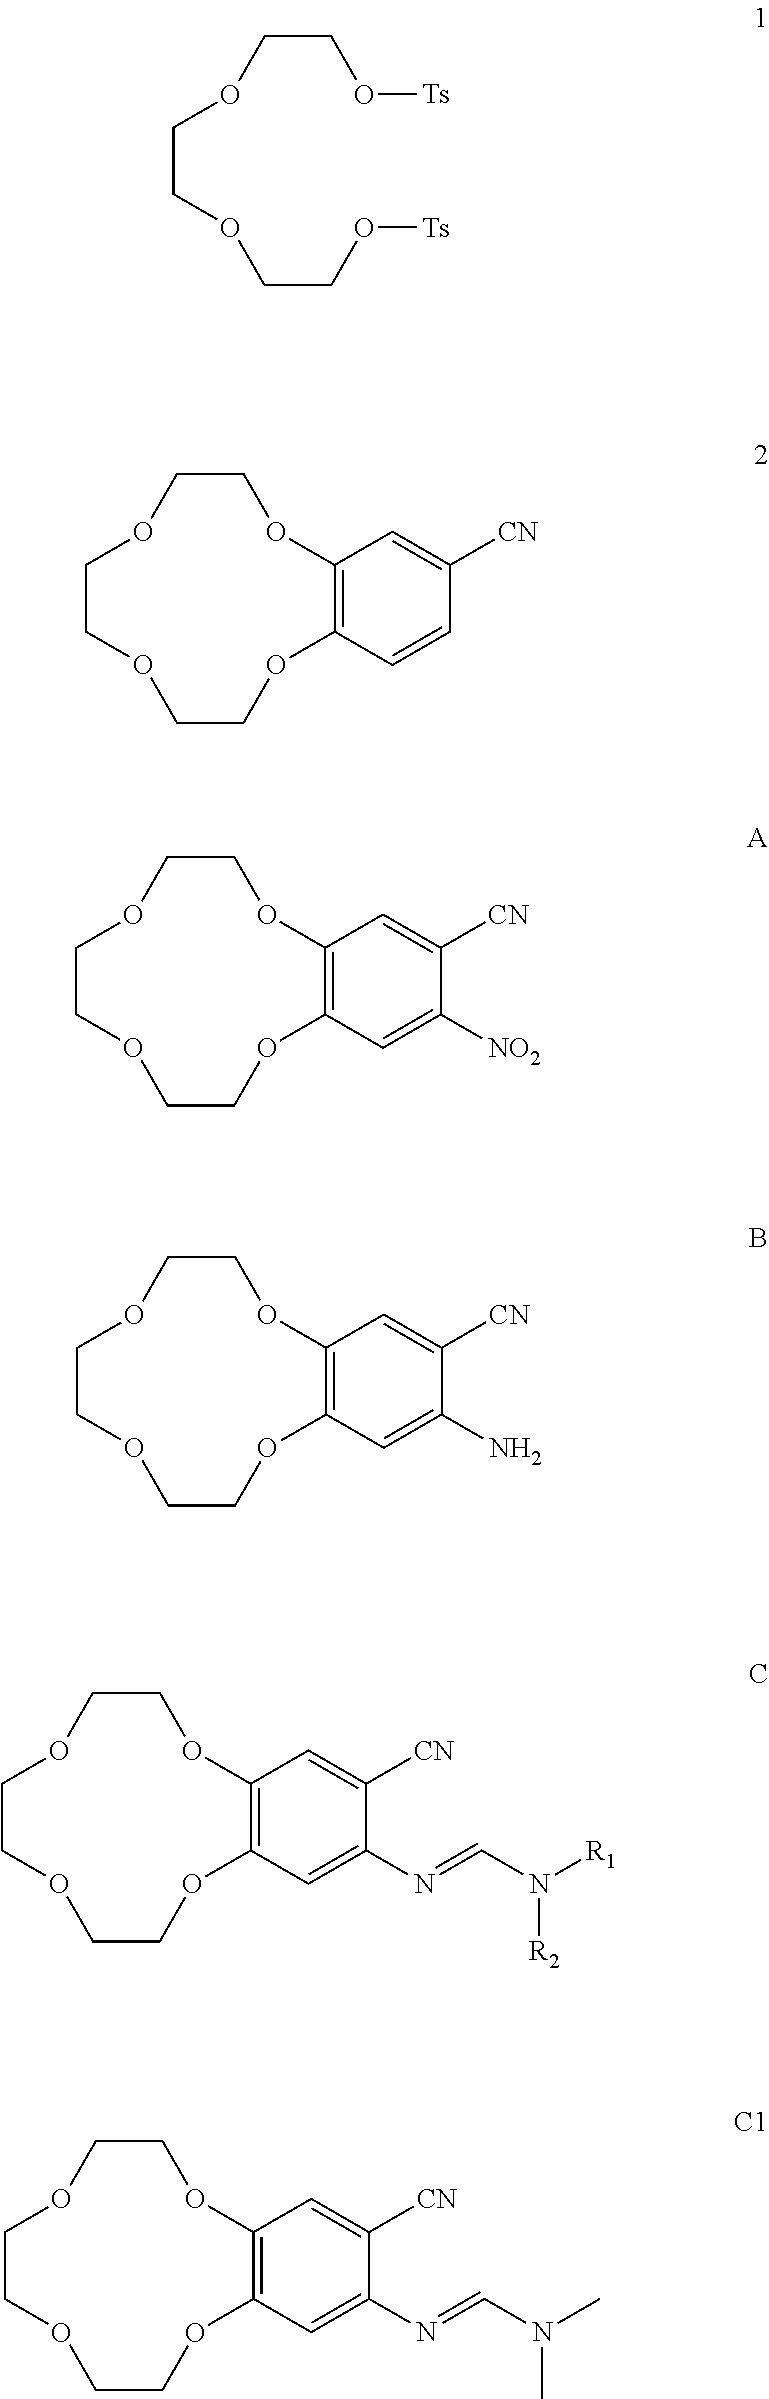 Figure US09085588-20150721-C00003